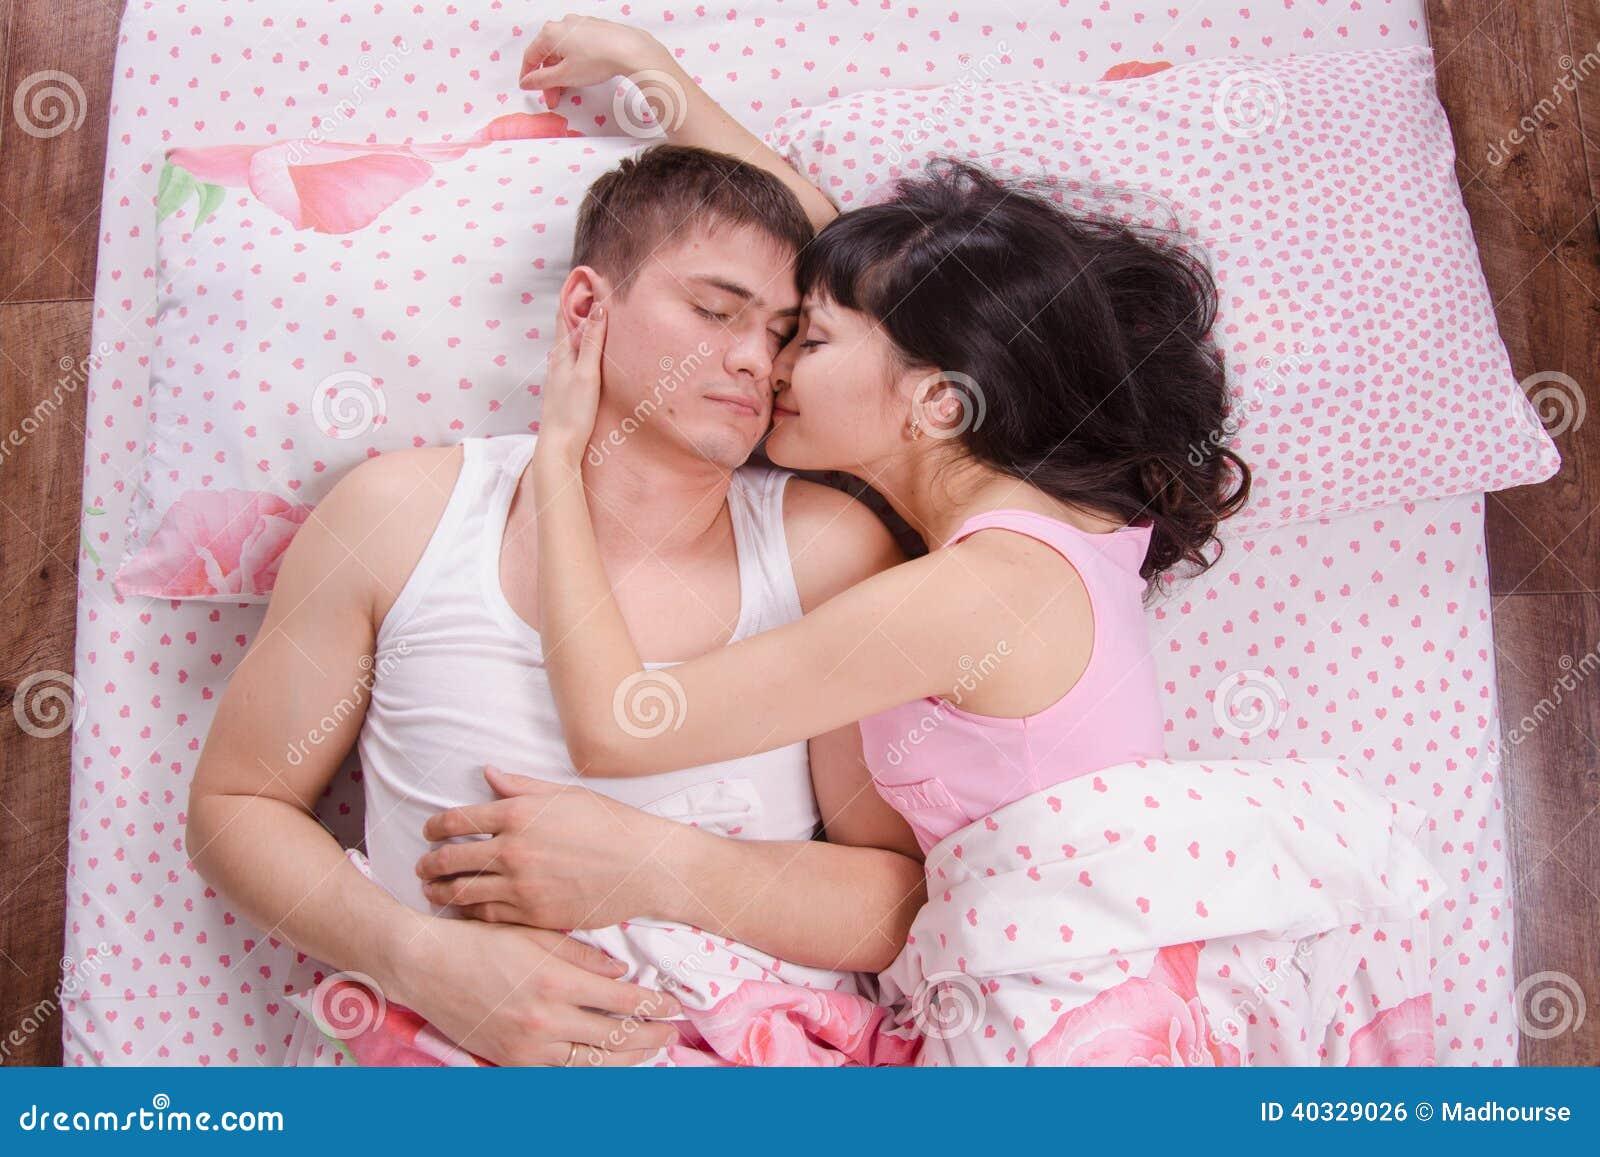 Фото в постели девочки и мальчика 20 фотография